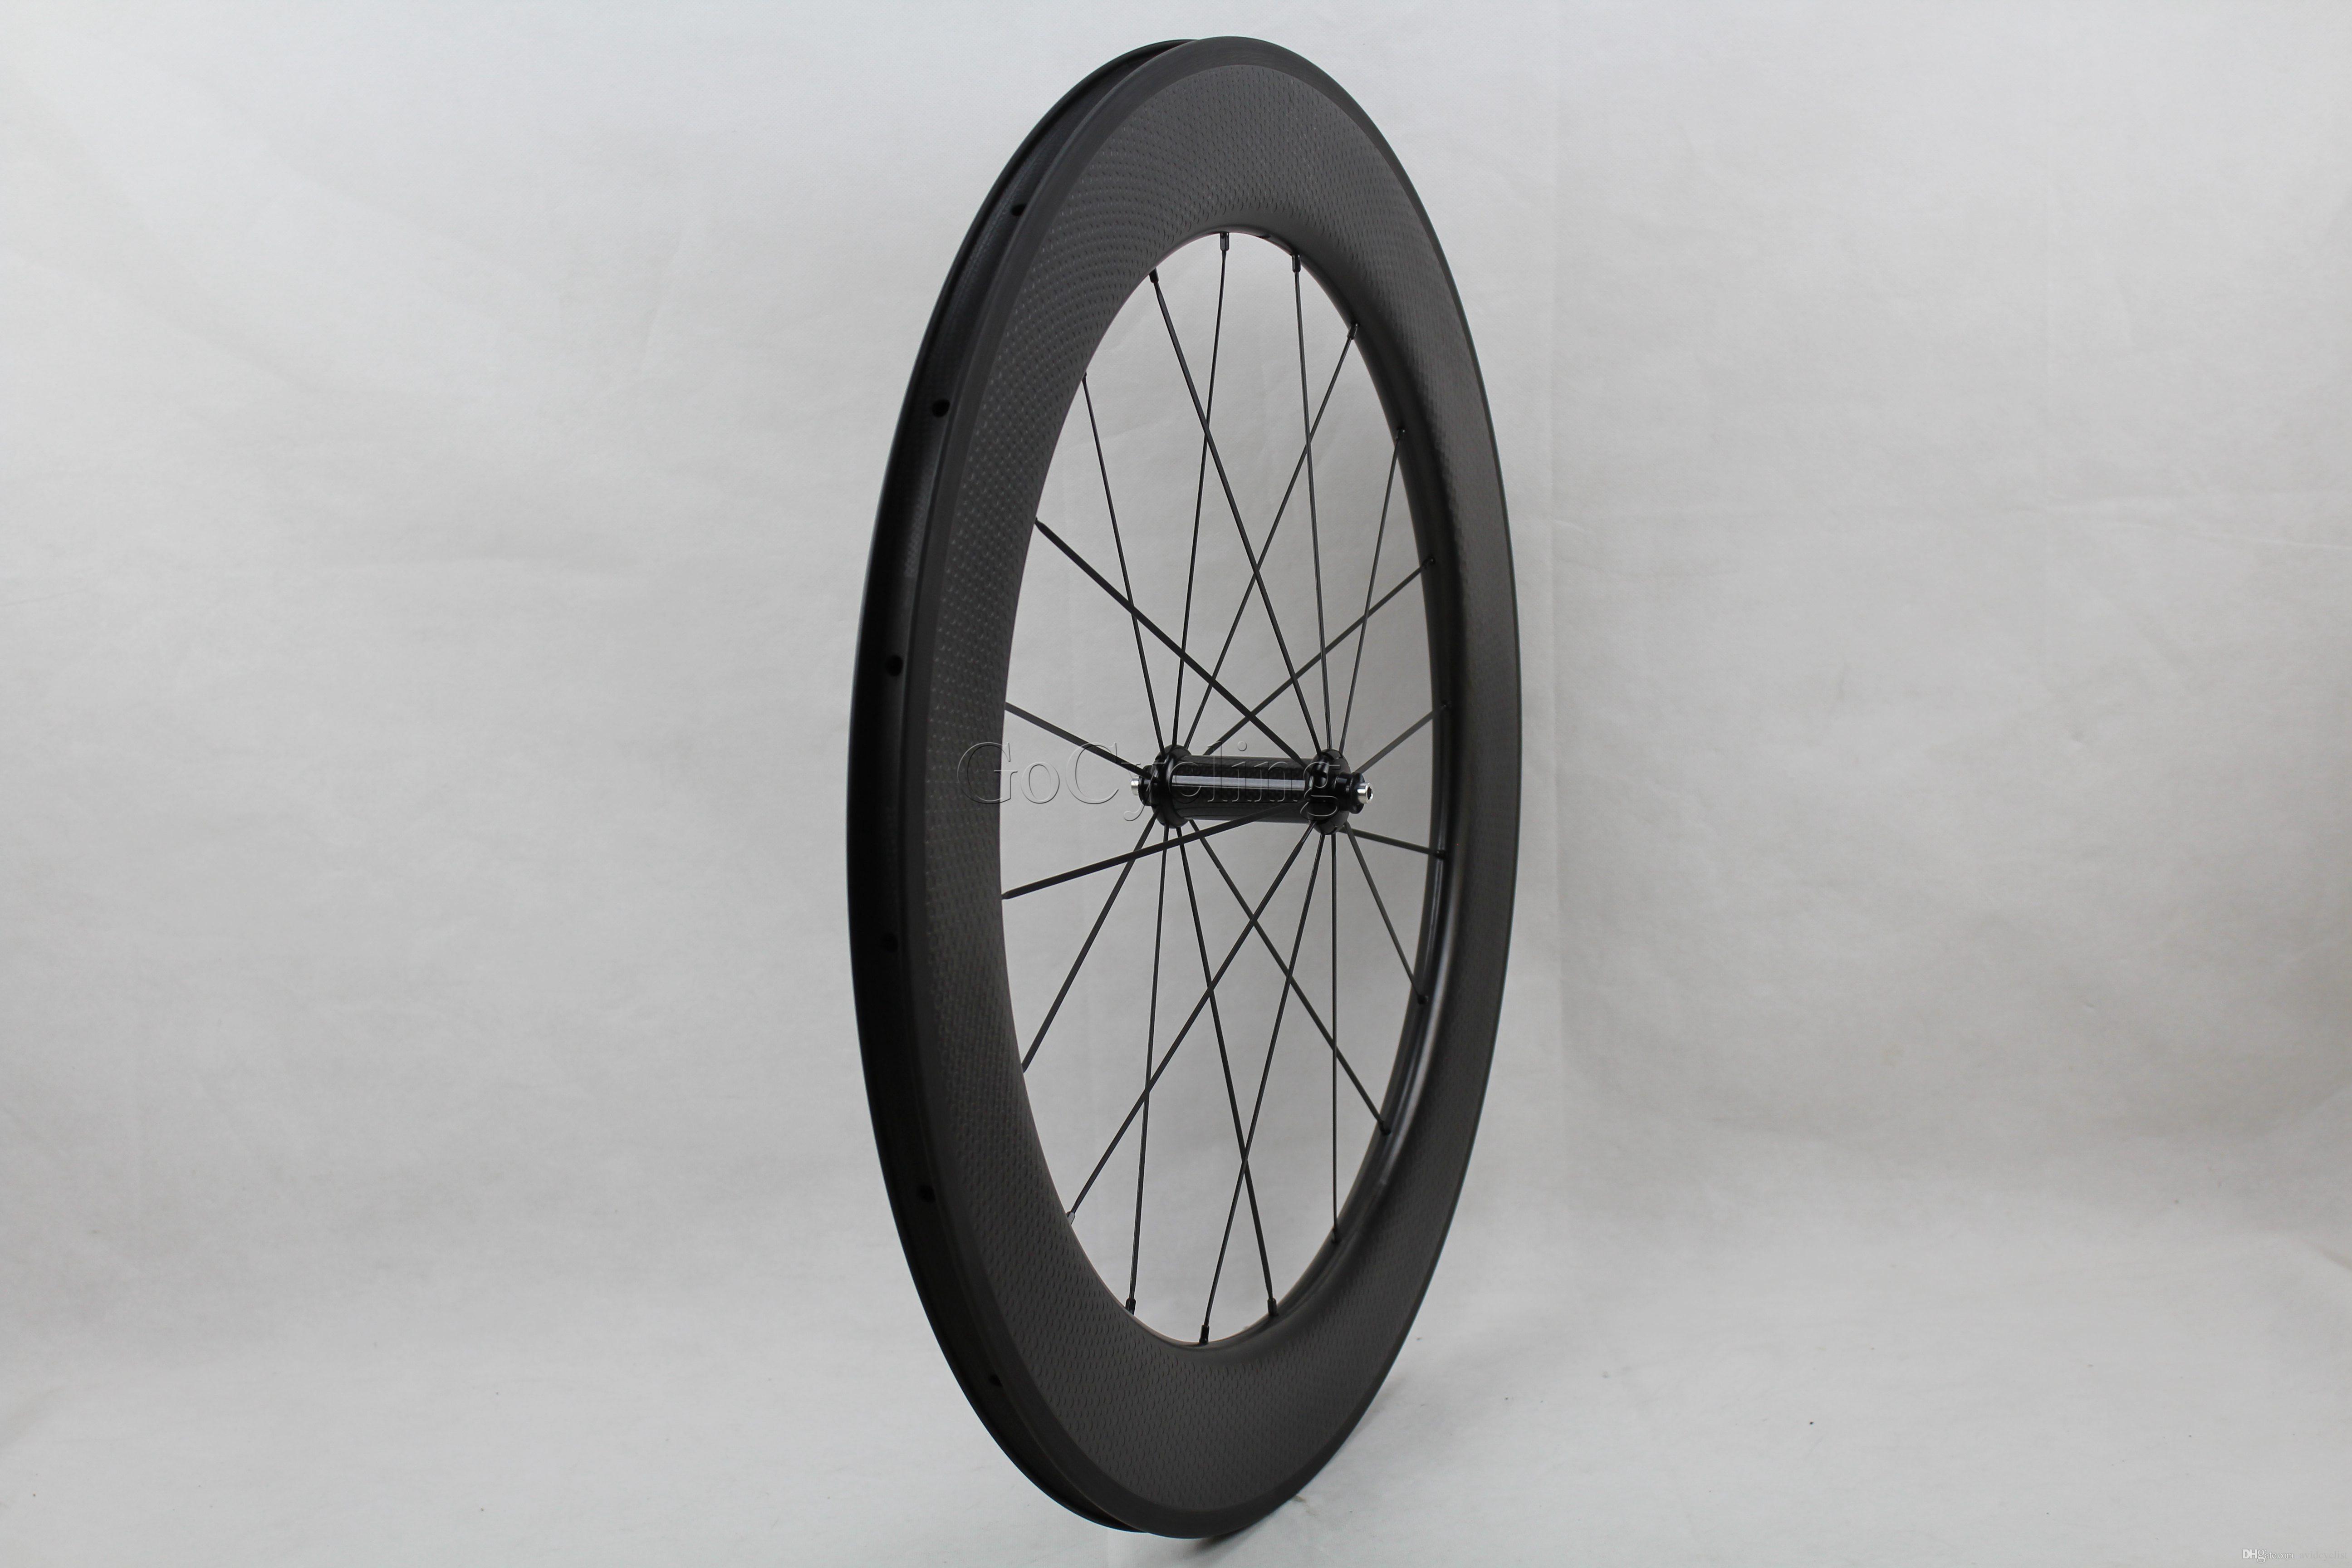 Dimple golf Cerchi in carbonio superficie cerchio profondità 80mm Copertoncino 700c in fibra di carbonio bici da strada ruote in carbonio Bicicletta Wheelset basalto superficie freno